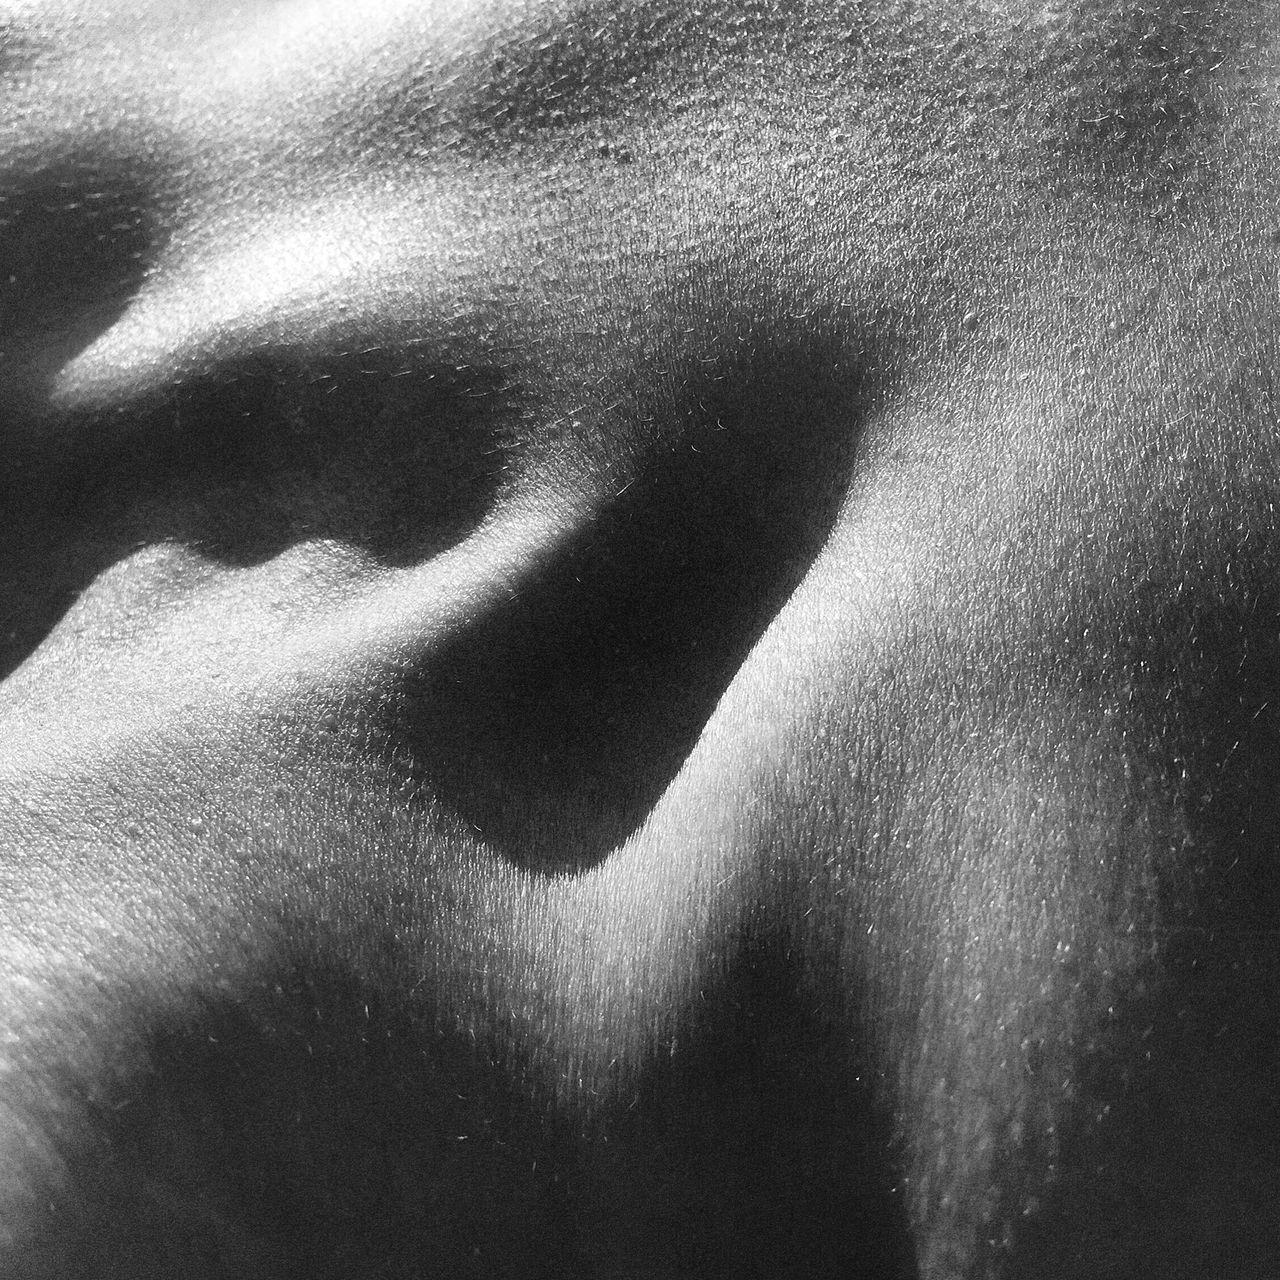 Full frame shot of human body part